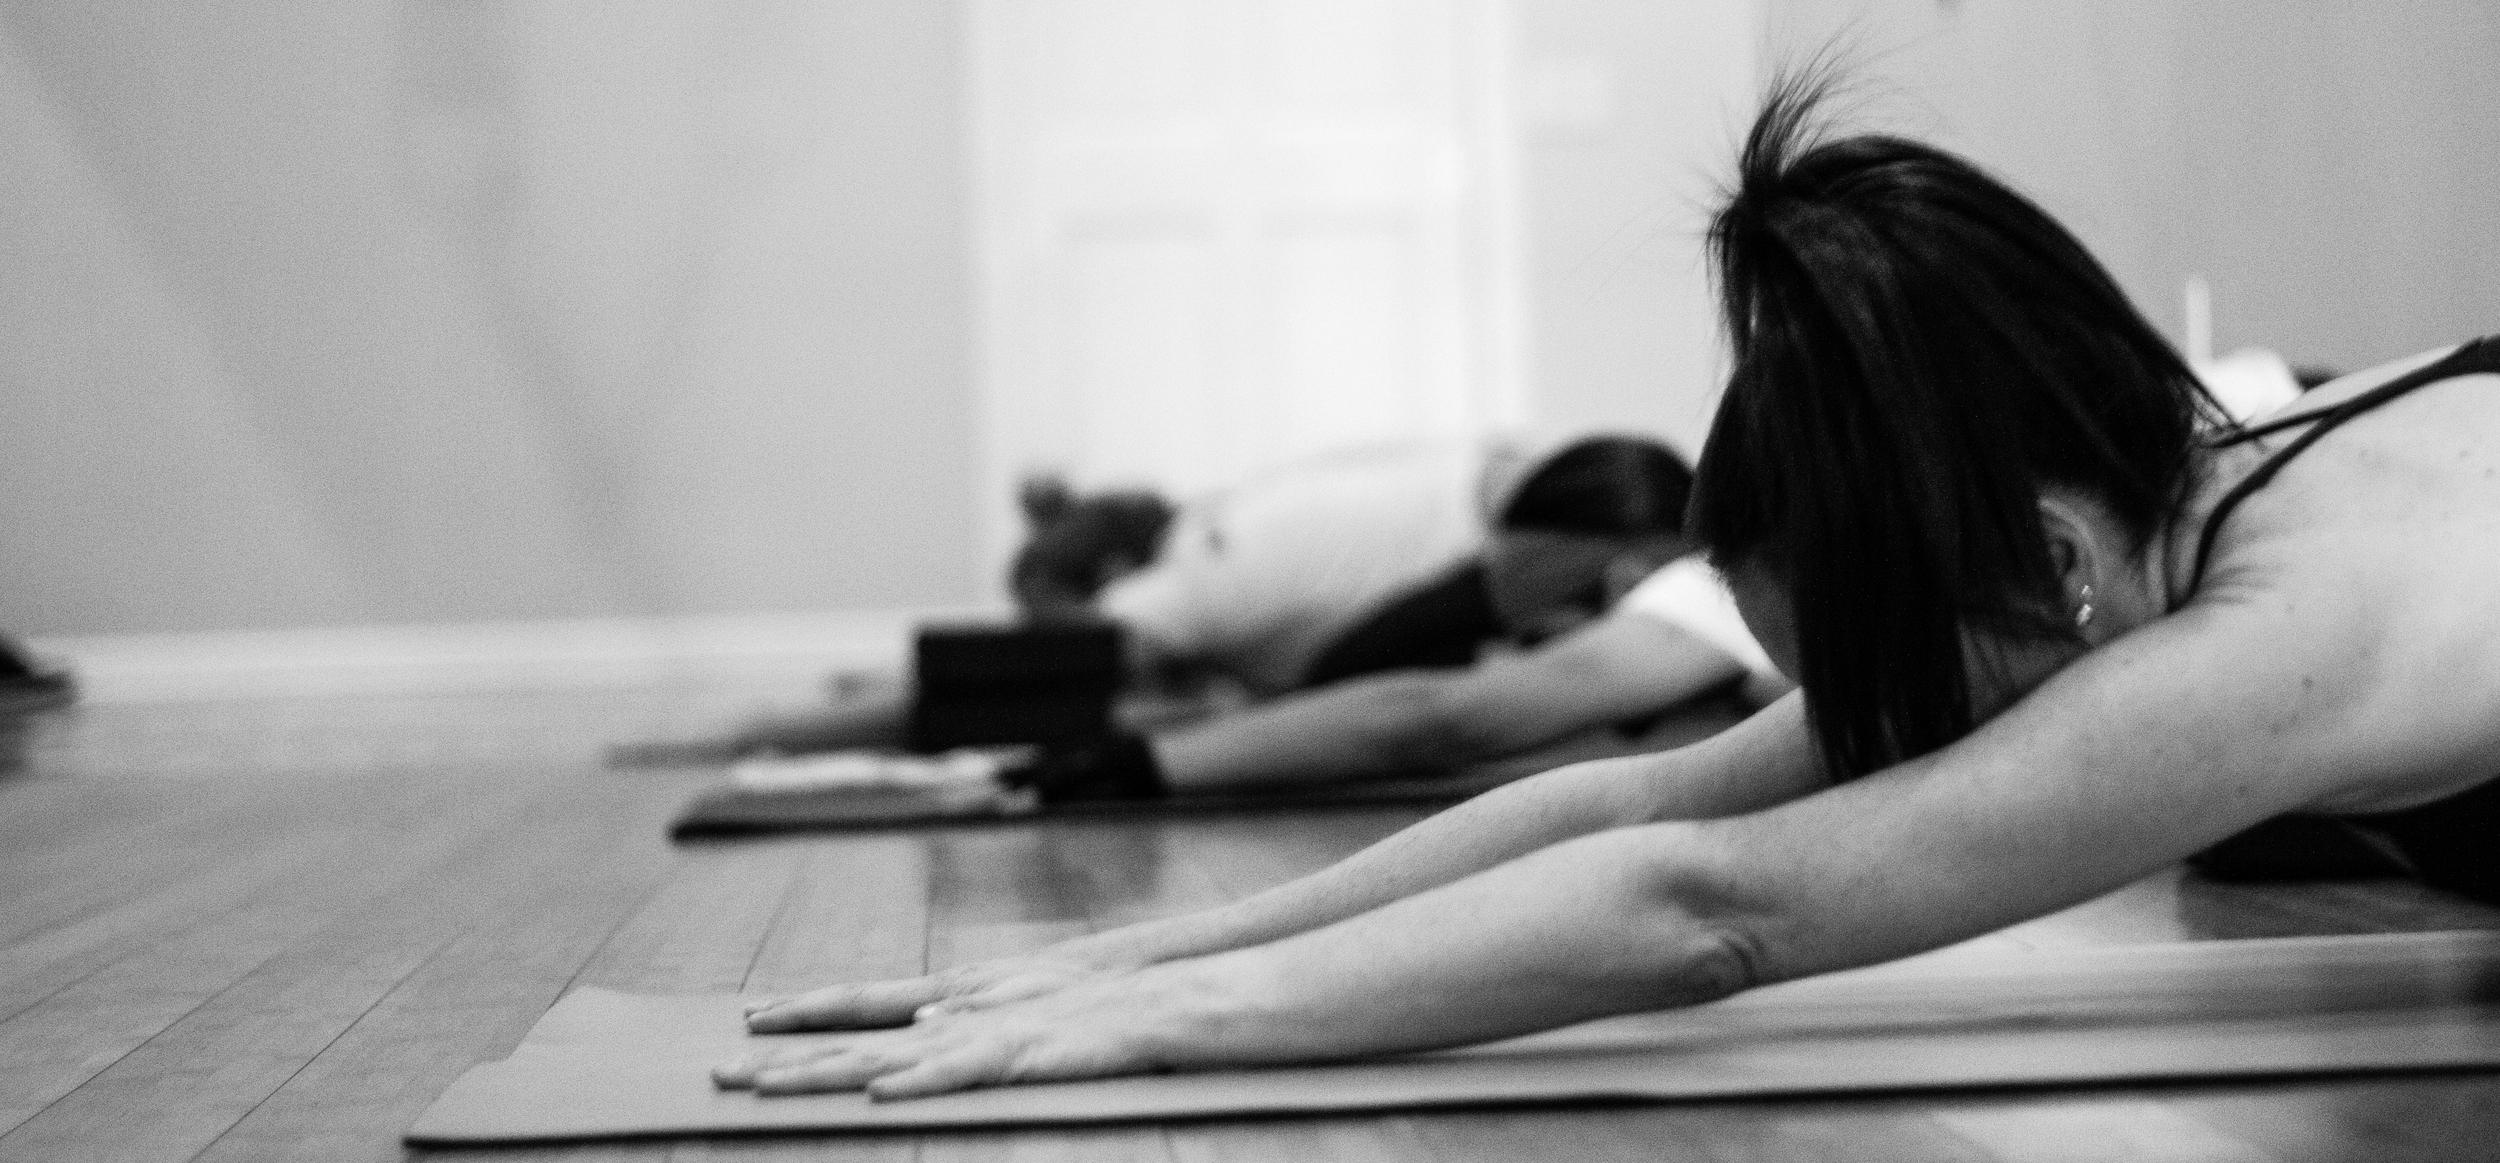 Yoga Matt Final Photos-64.jpg